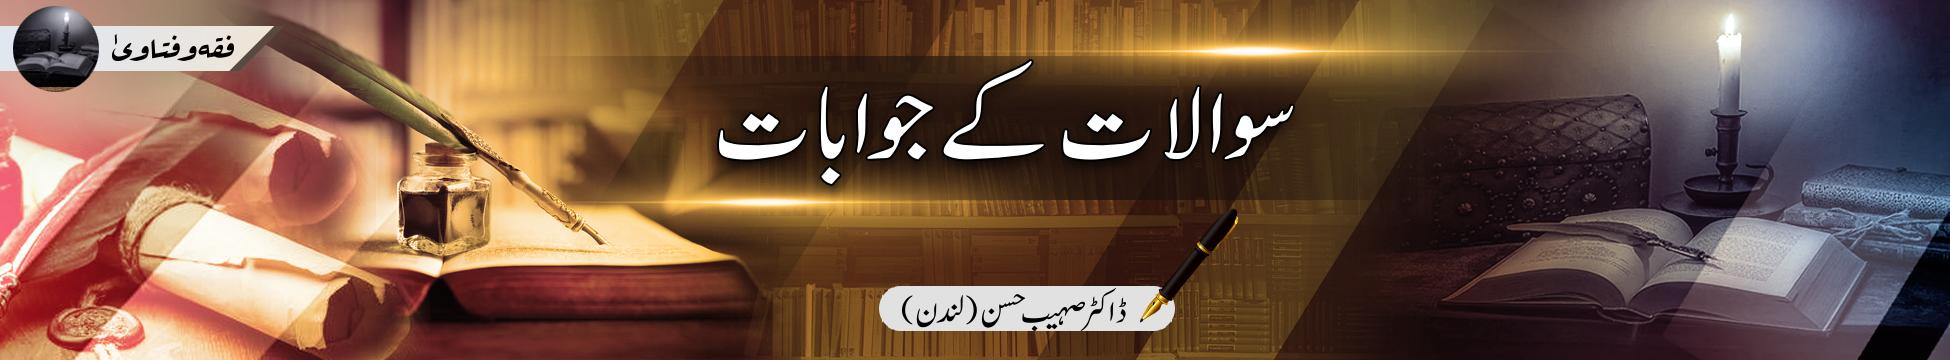 شرعی سوالات کے جوابات۔ ڈاکٹر صہیب حسن (لندن)